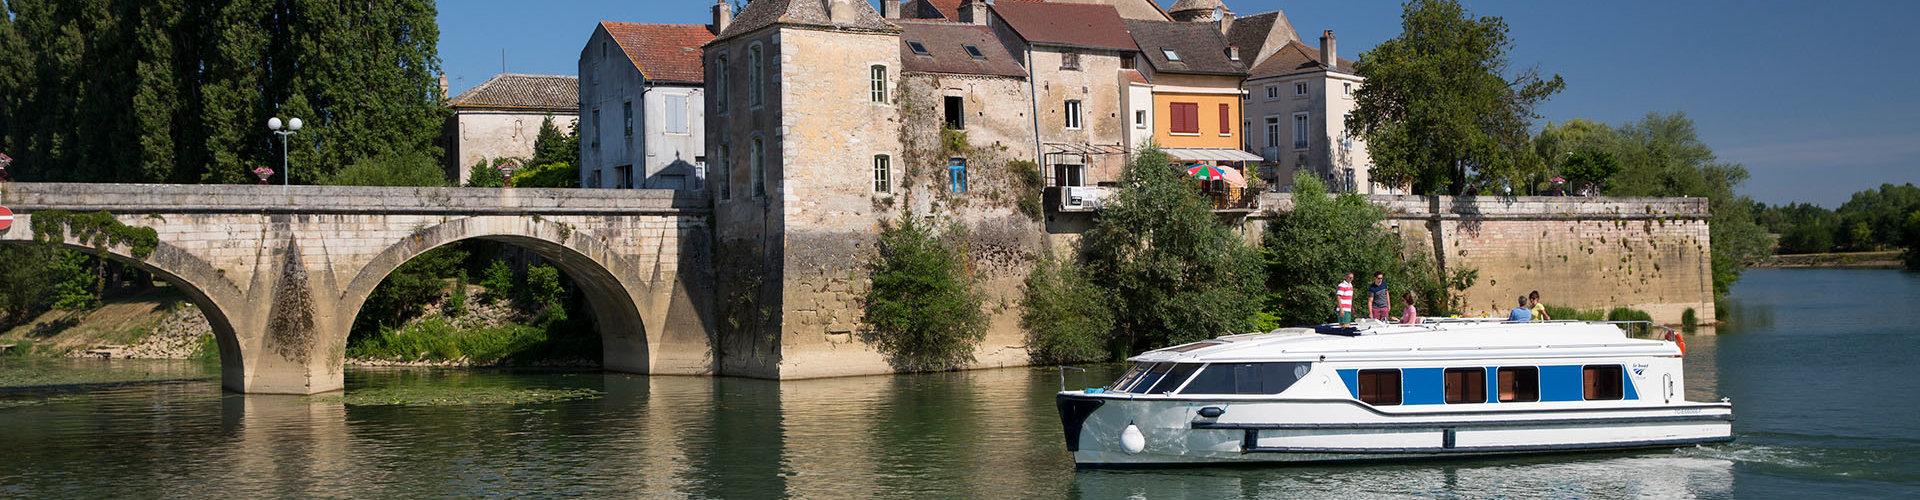 Hausboot Vision im Burgund